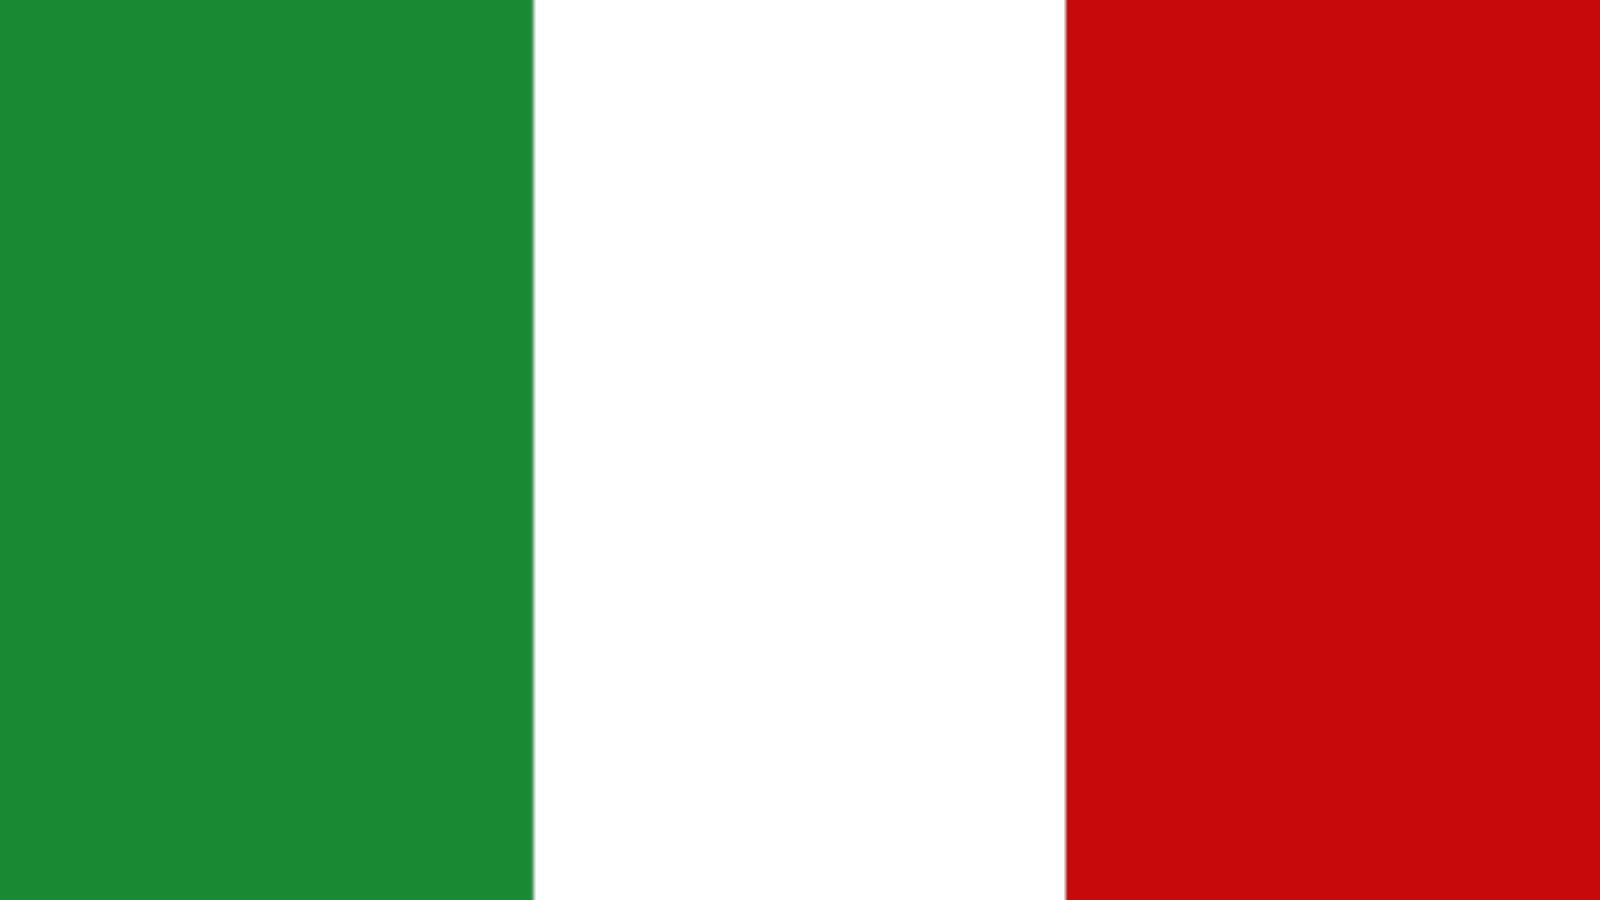 2020 Italy survey: rankings